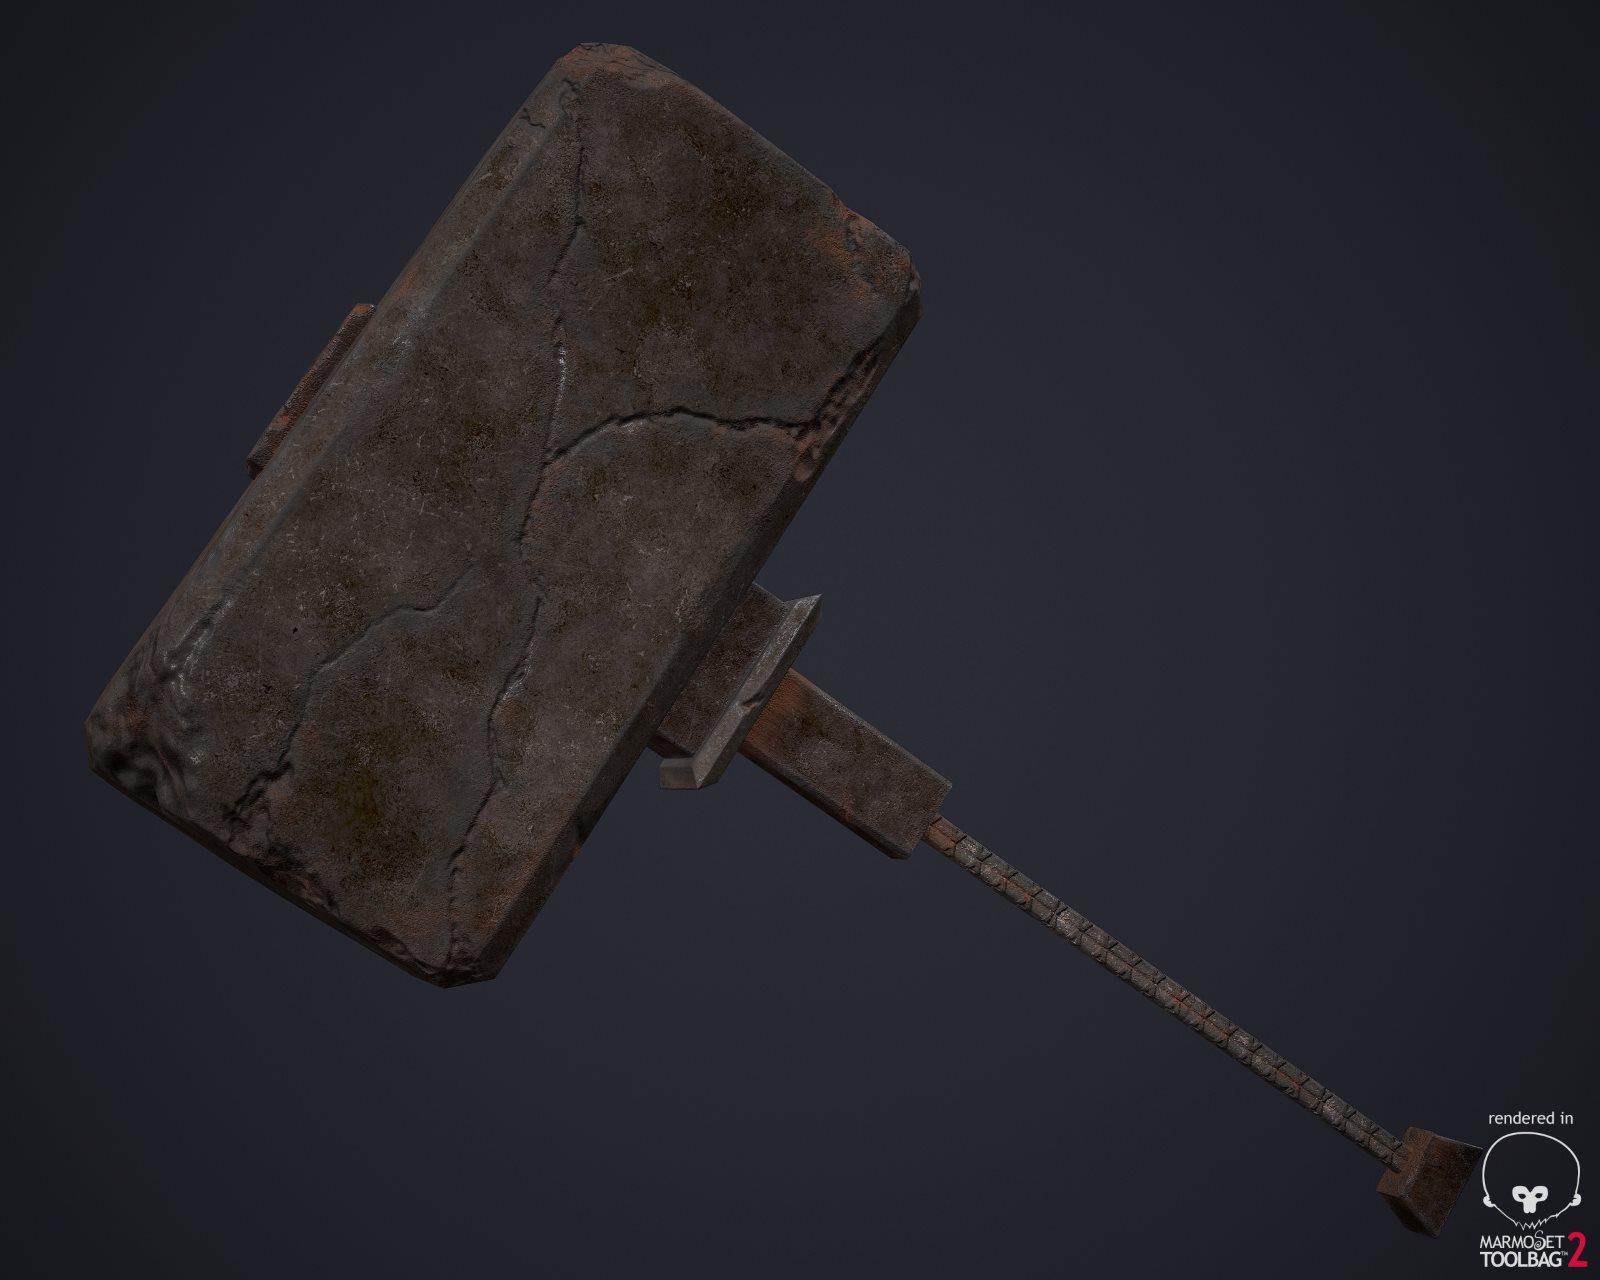 Giant Hammer